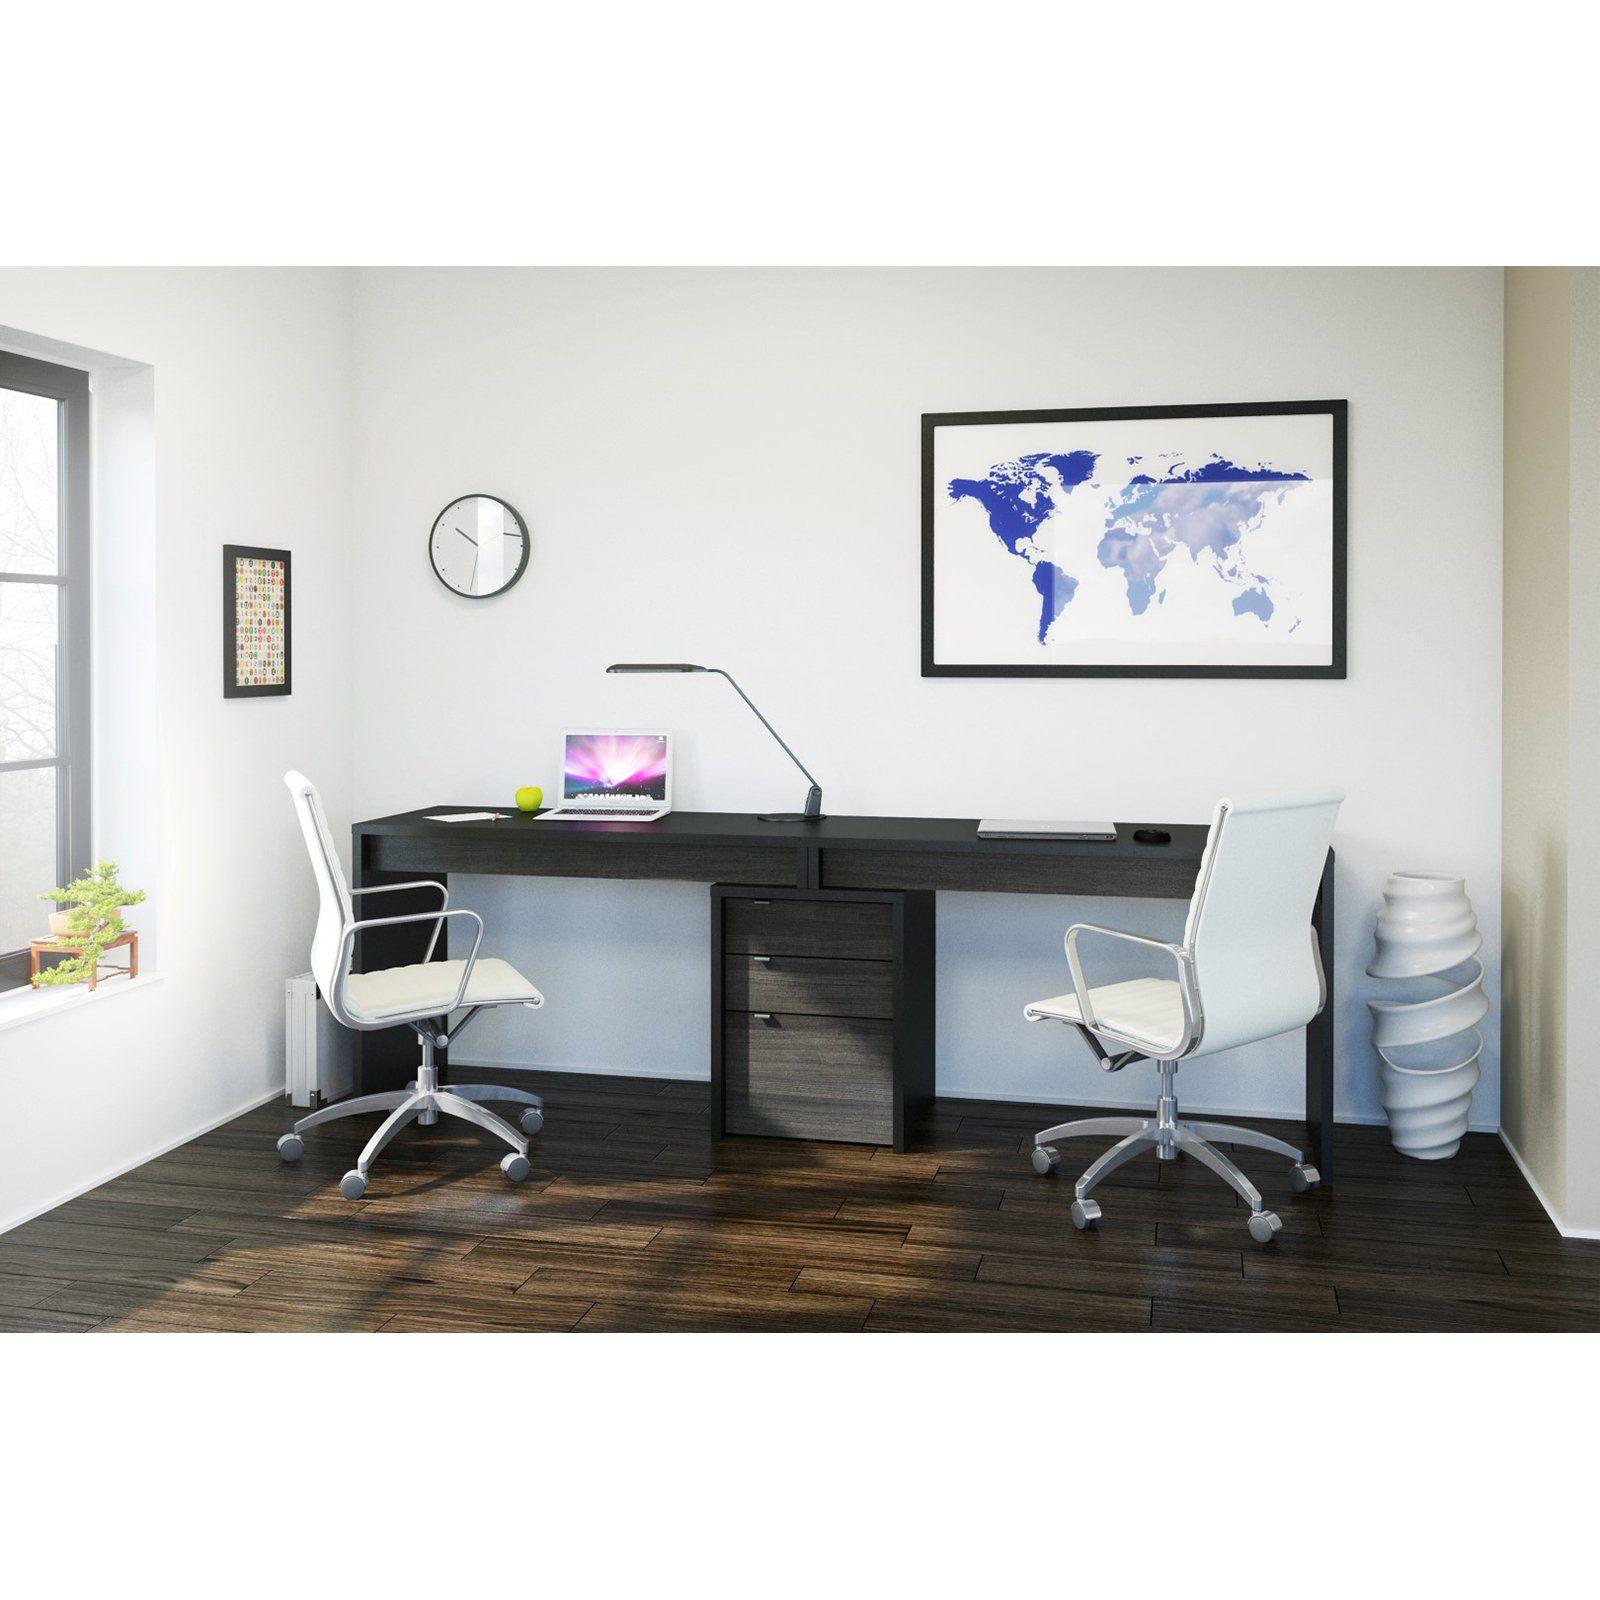 Nexera Sereni T 2 Person Desk with Filing Cabinet Black